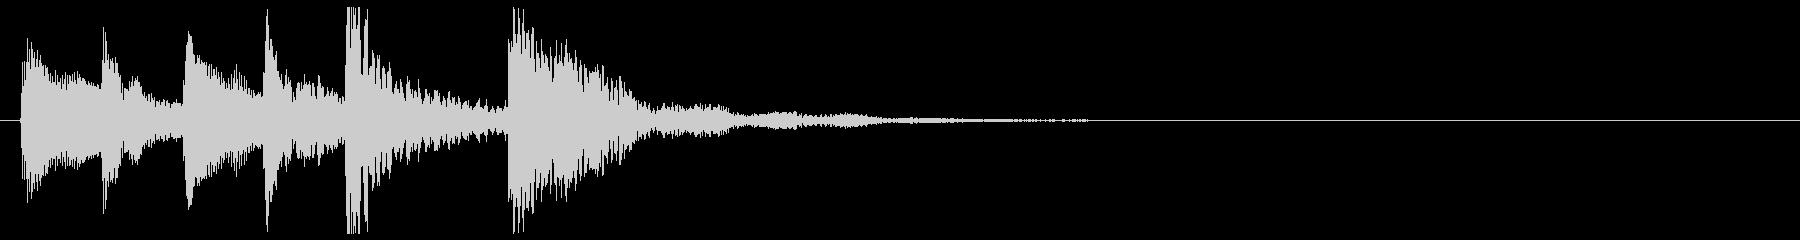 かわいめのピチカートのジングルの未再生の波形